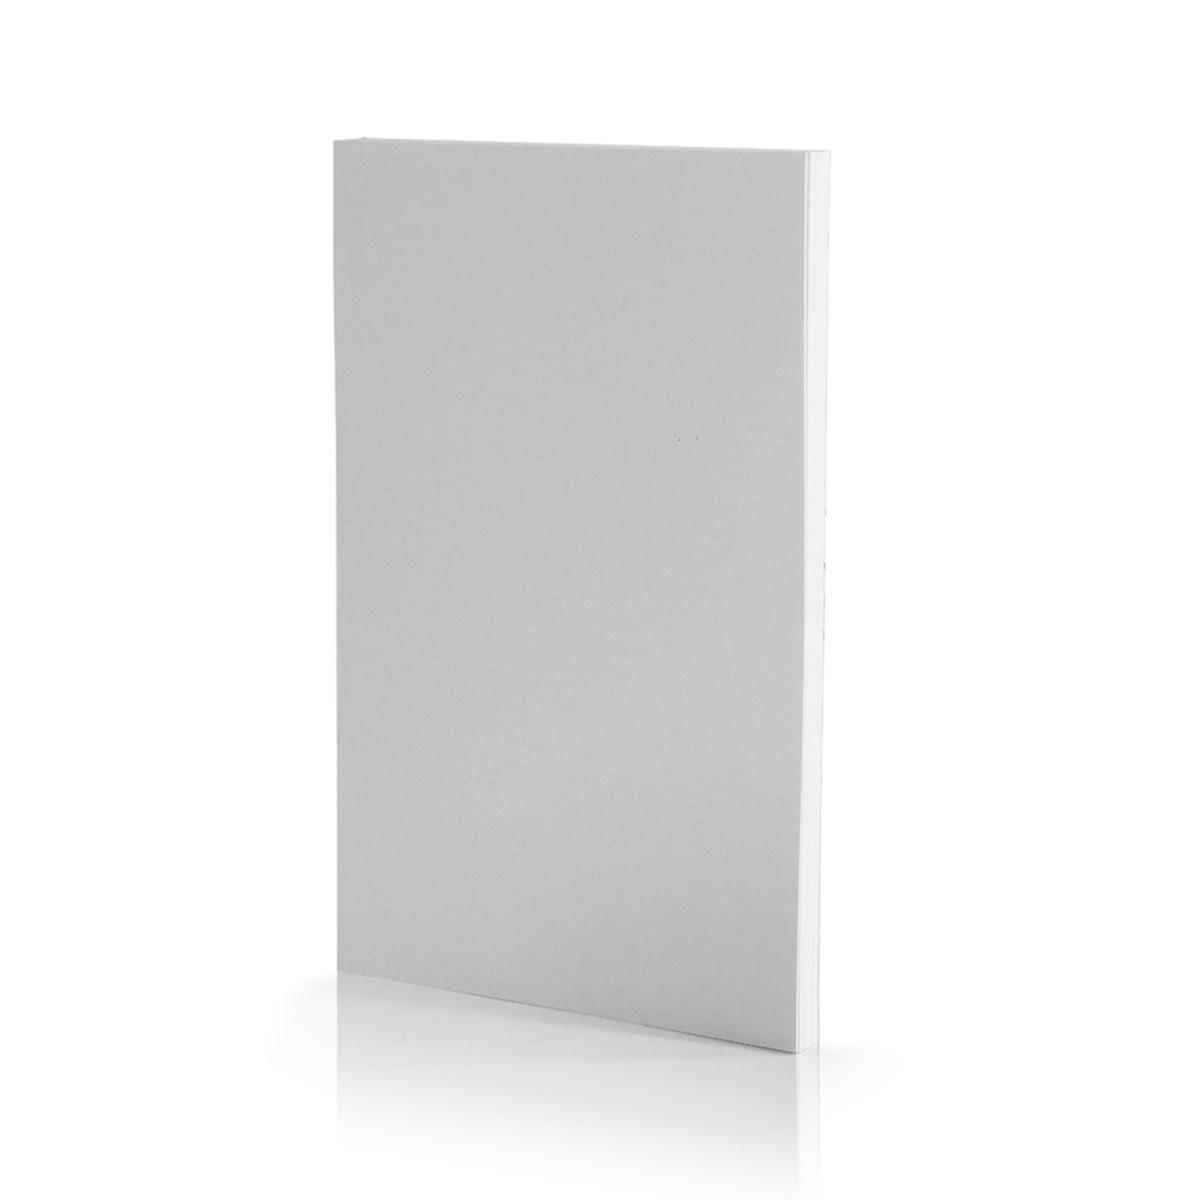 Papel Transfer para Tecido Claro | 160g tamanho A4 | Pacote com 05 folhas